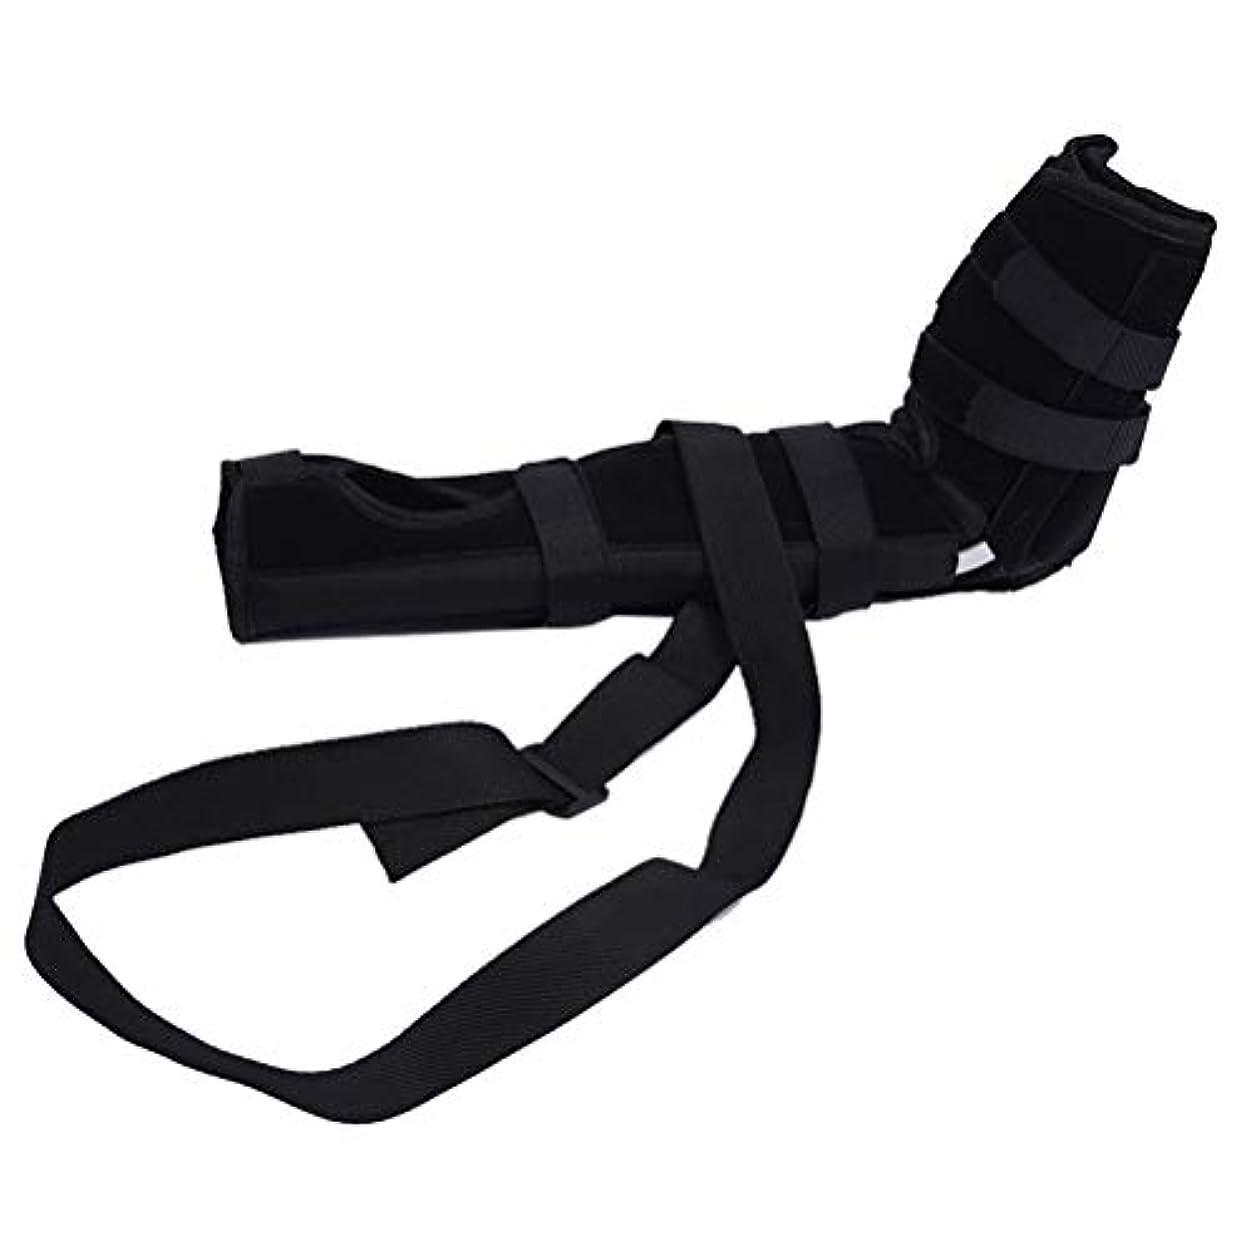 モスチャット黒SUPVOX 肘ブレース 関節サポート アームリーダー 保護 固定 腕つり 関節 保護 男女兼用 調節可能 通気性 術後ケアブレース(ブラック サイズS)